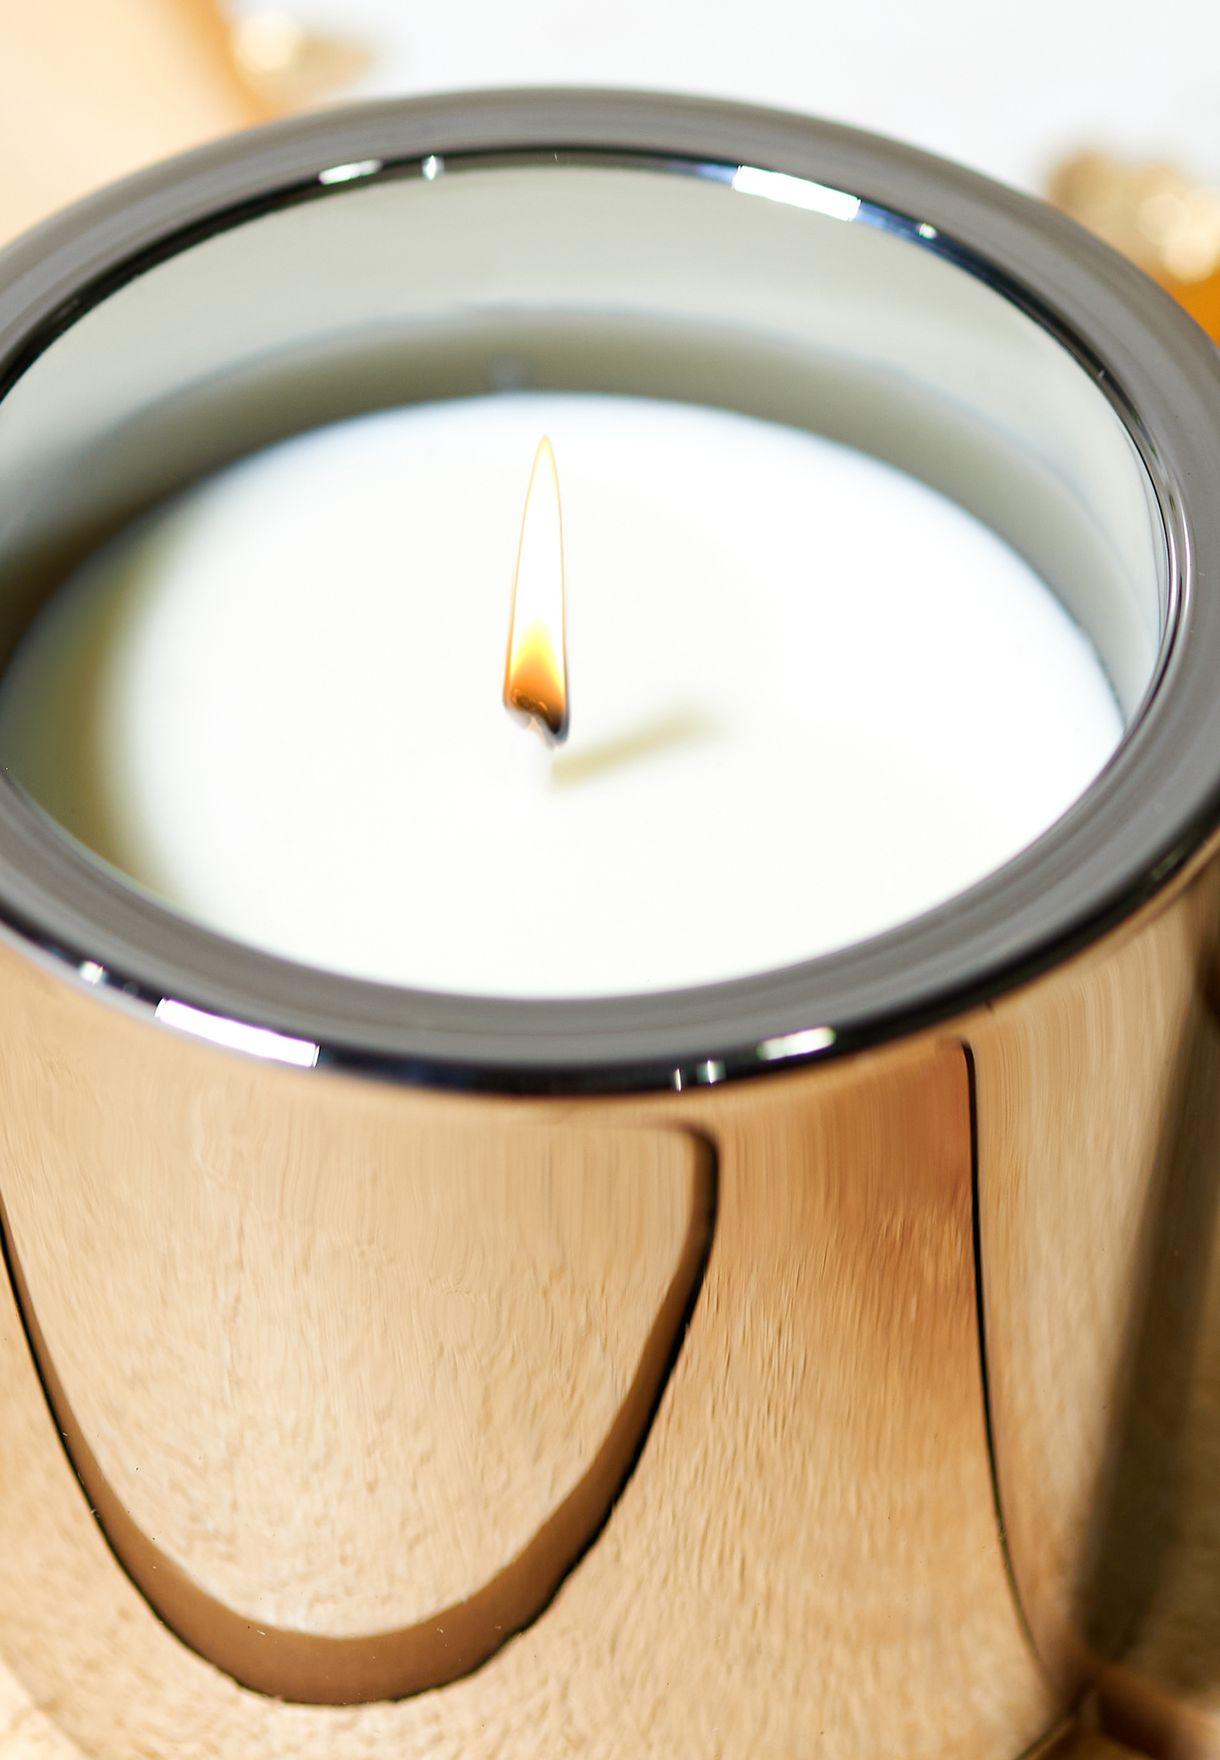 شمعة عطرية بالعنبر الأسود والحمضيات 200 مل